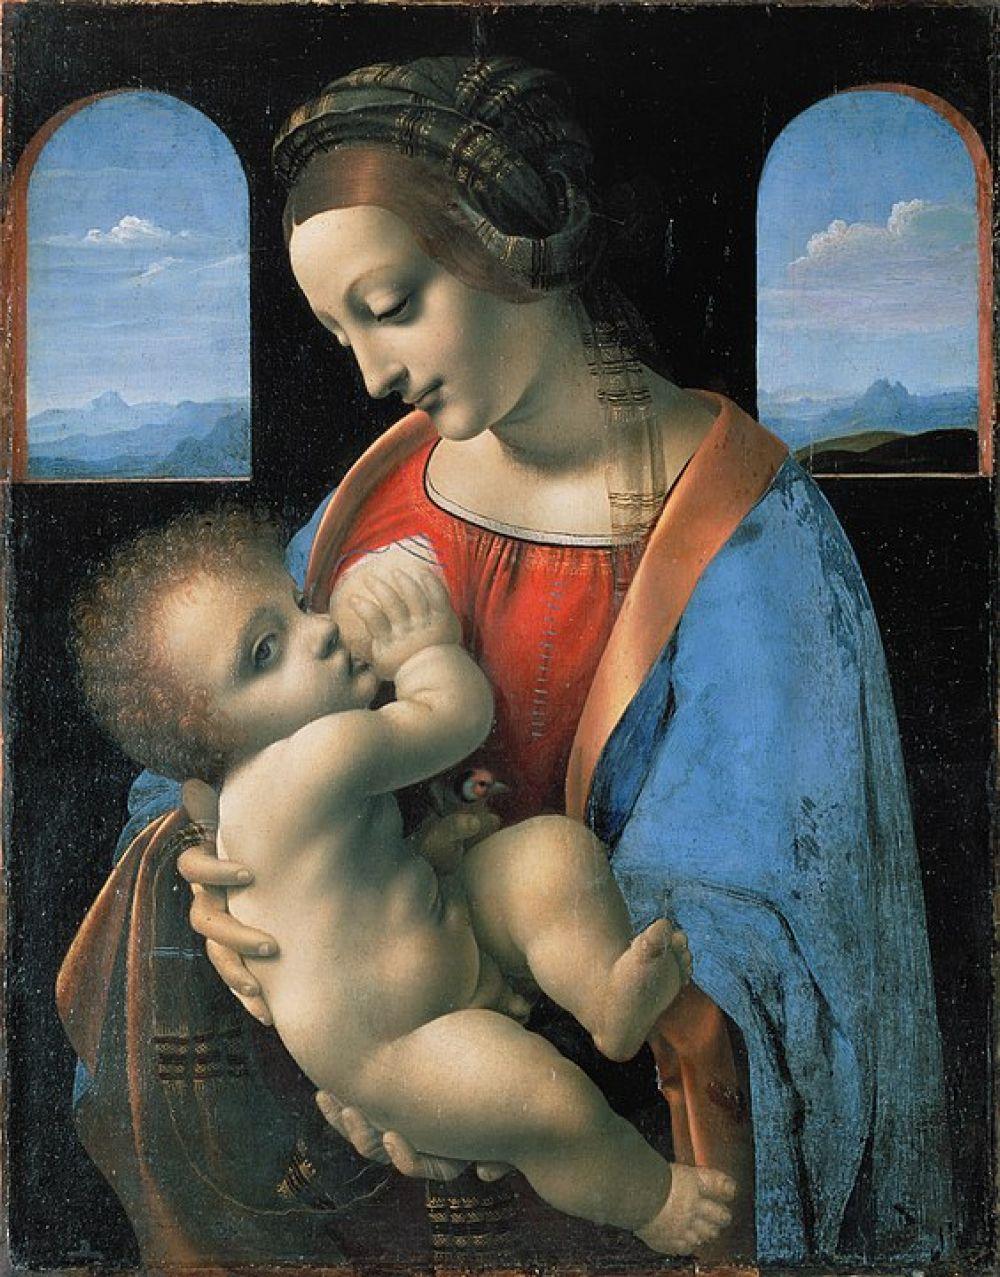 Леонардо да Винчи. Мадонна Литта. 1490-1491